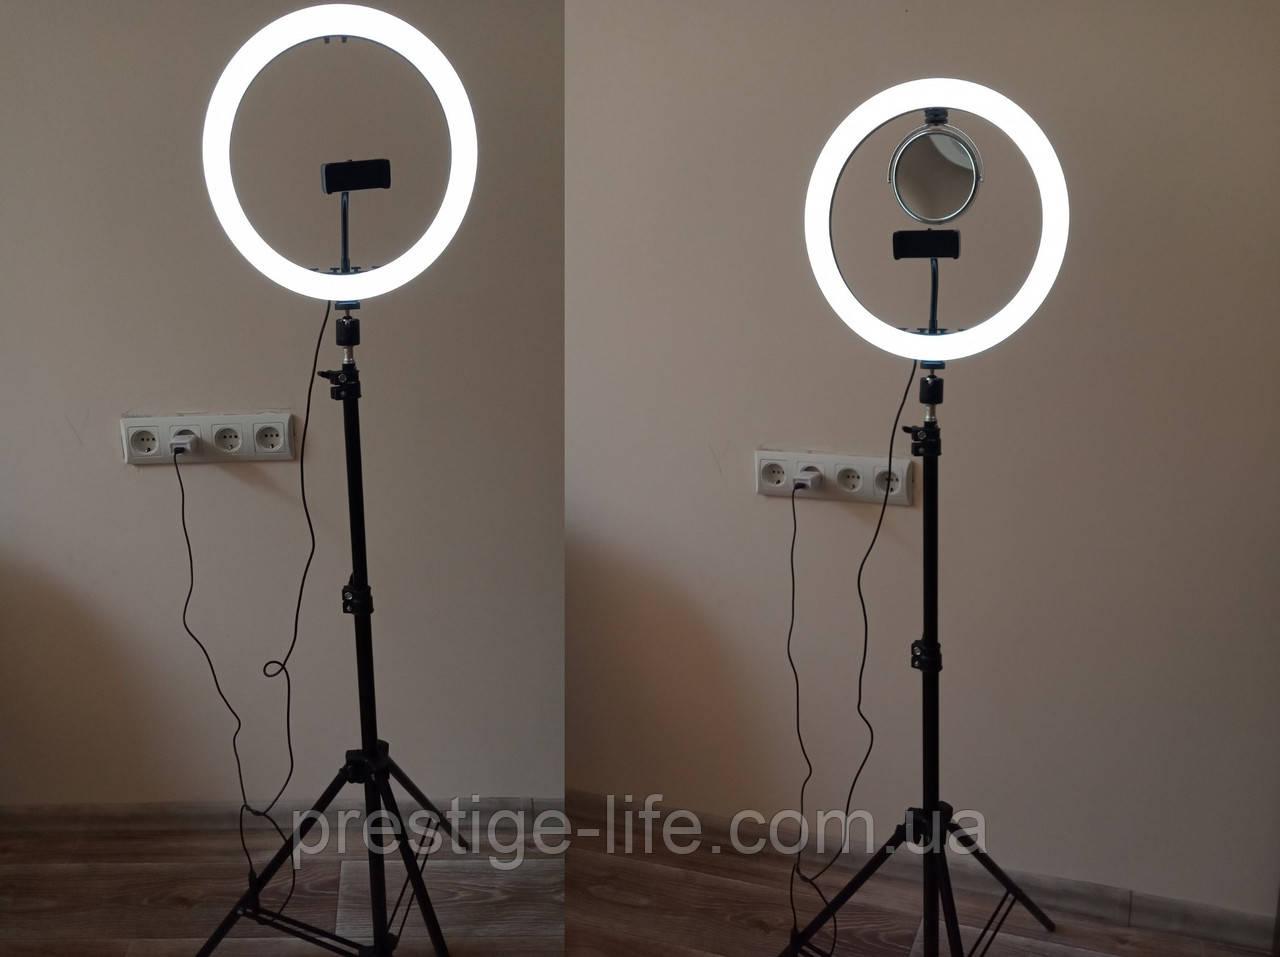 Кільцева LED лампа SMN-12 діаметром 30 см зі штативом і дзеркалом